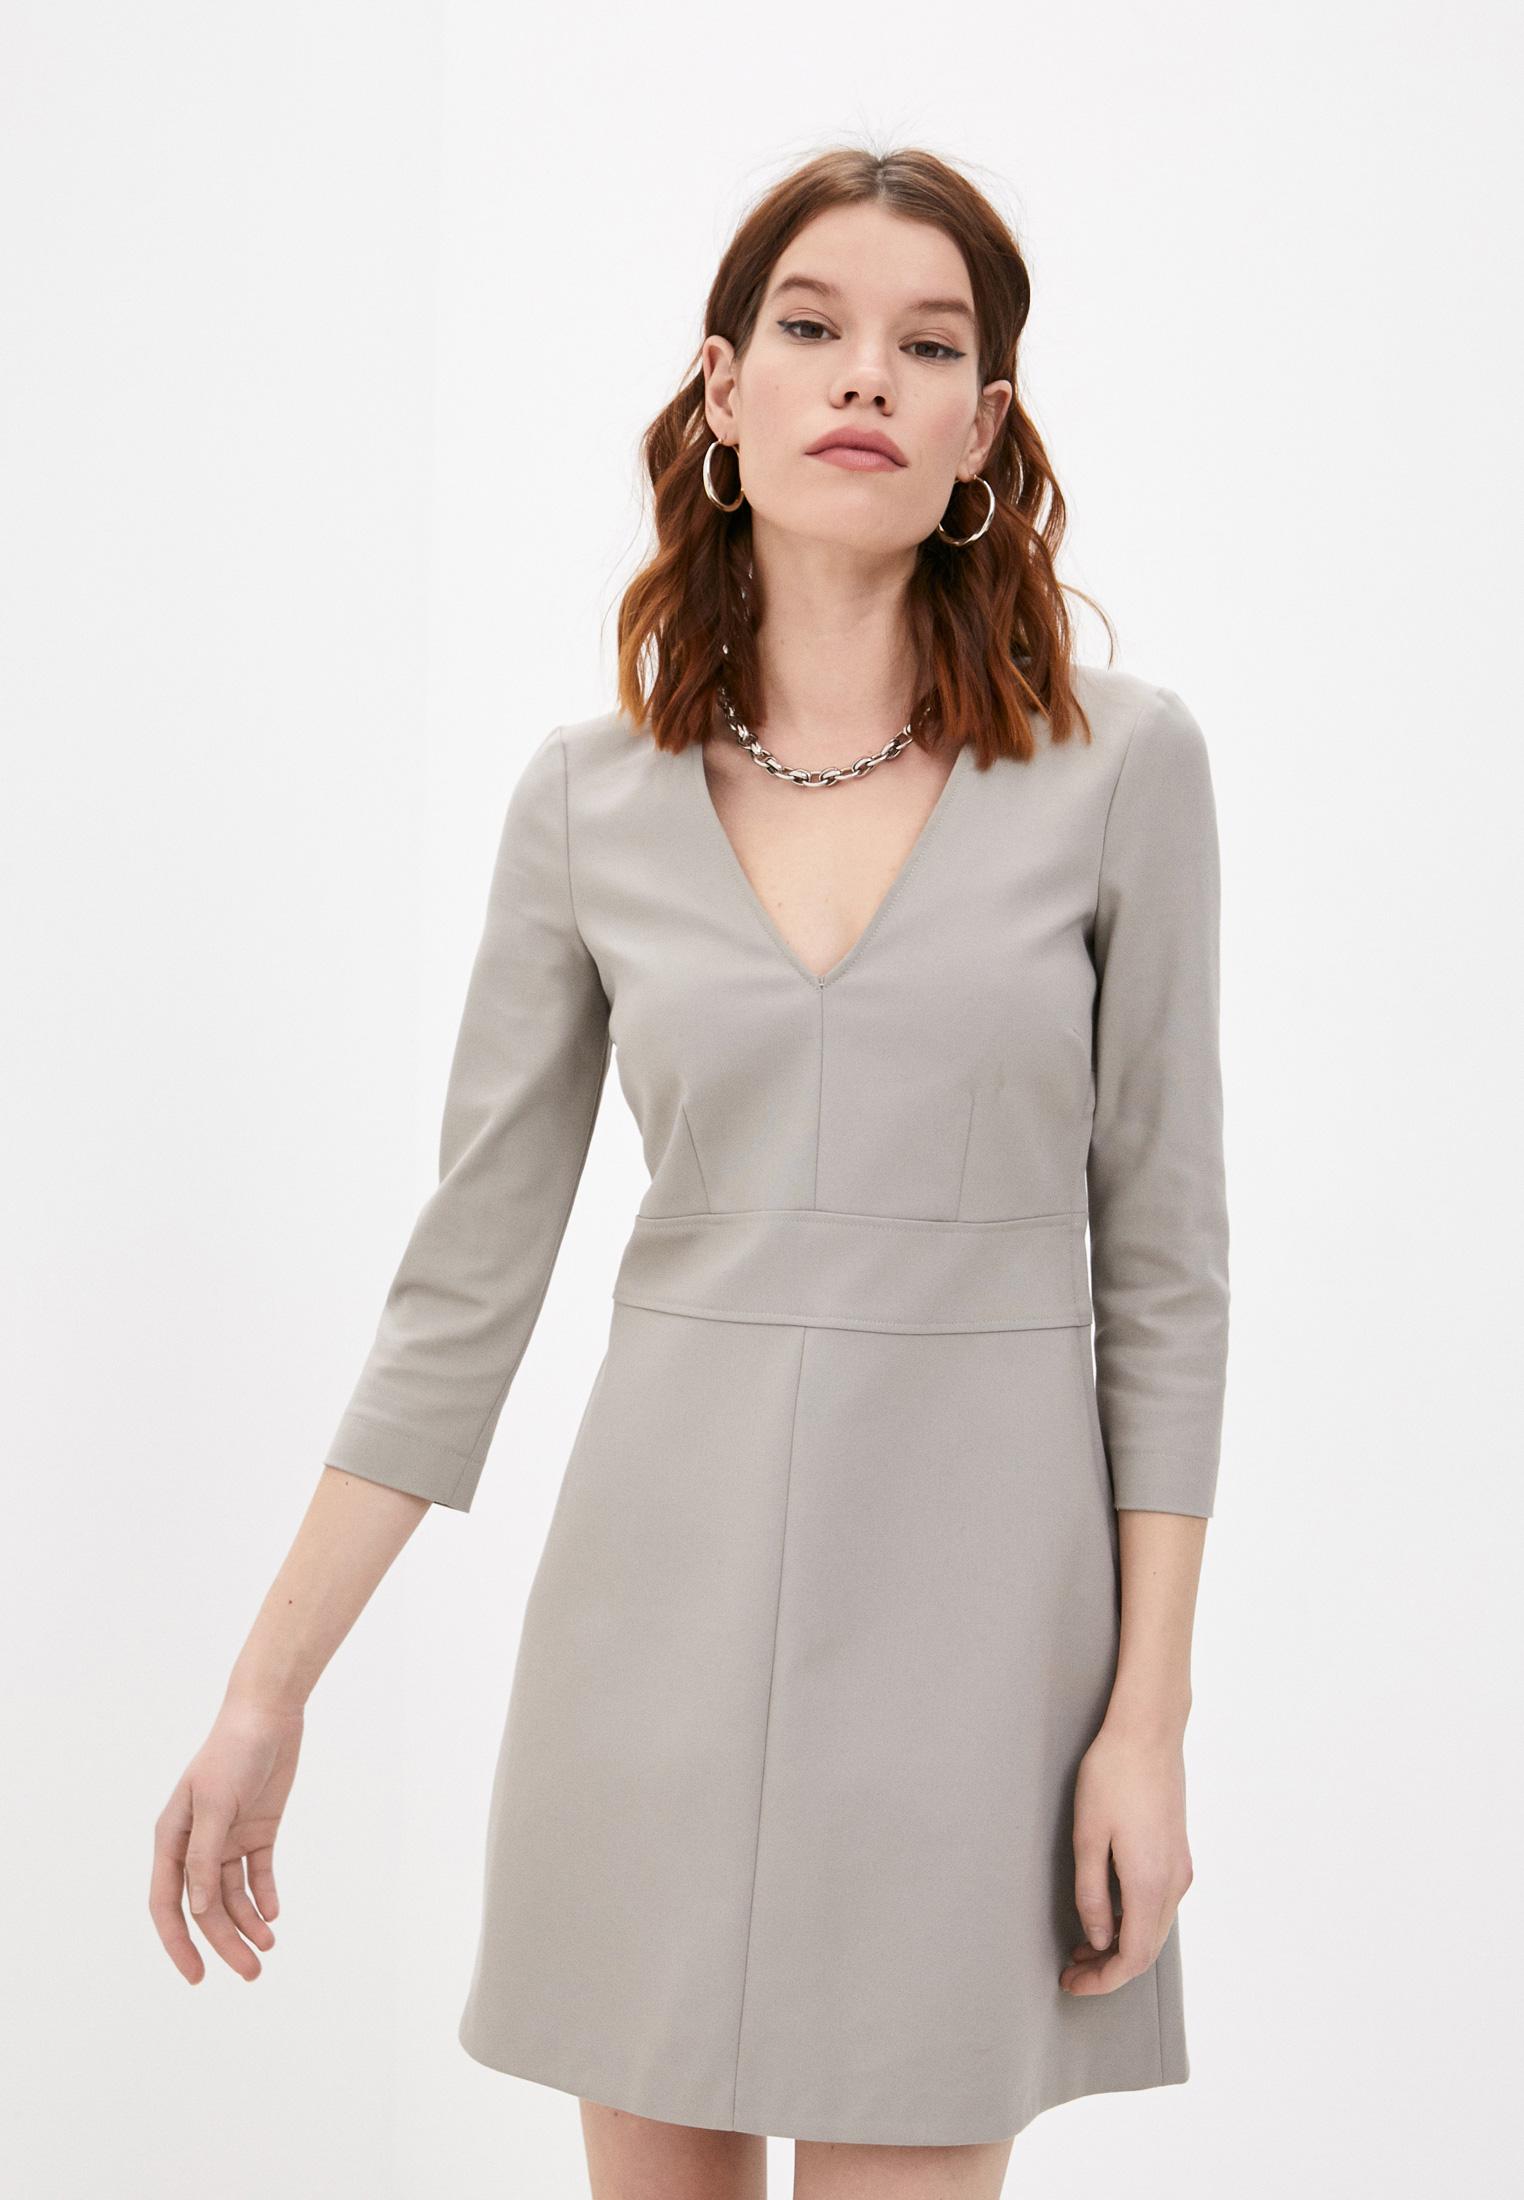 Повседневное платье Patrizia Pepe (Патриция Пепе) 2A1446 AQ39 S411